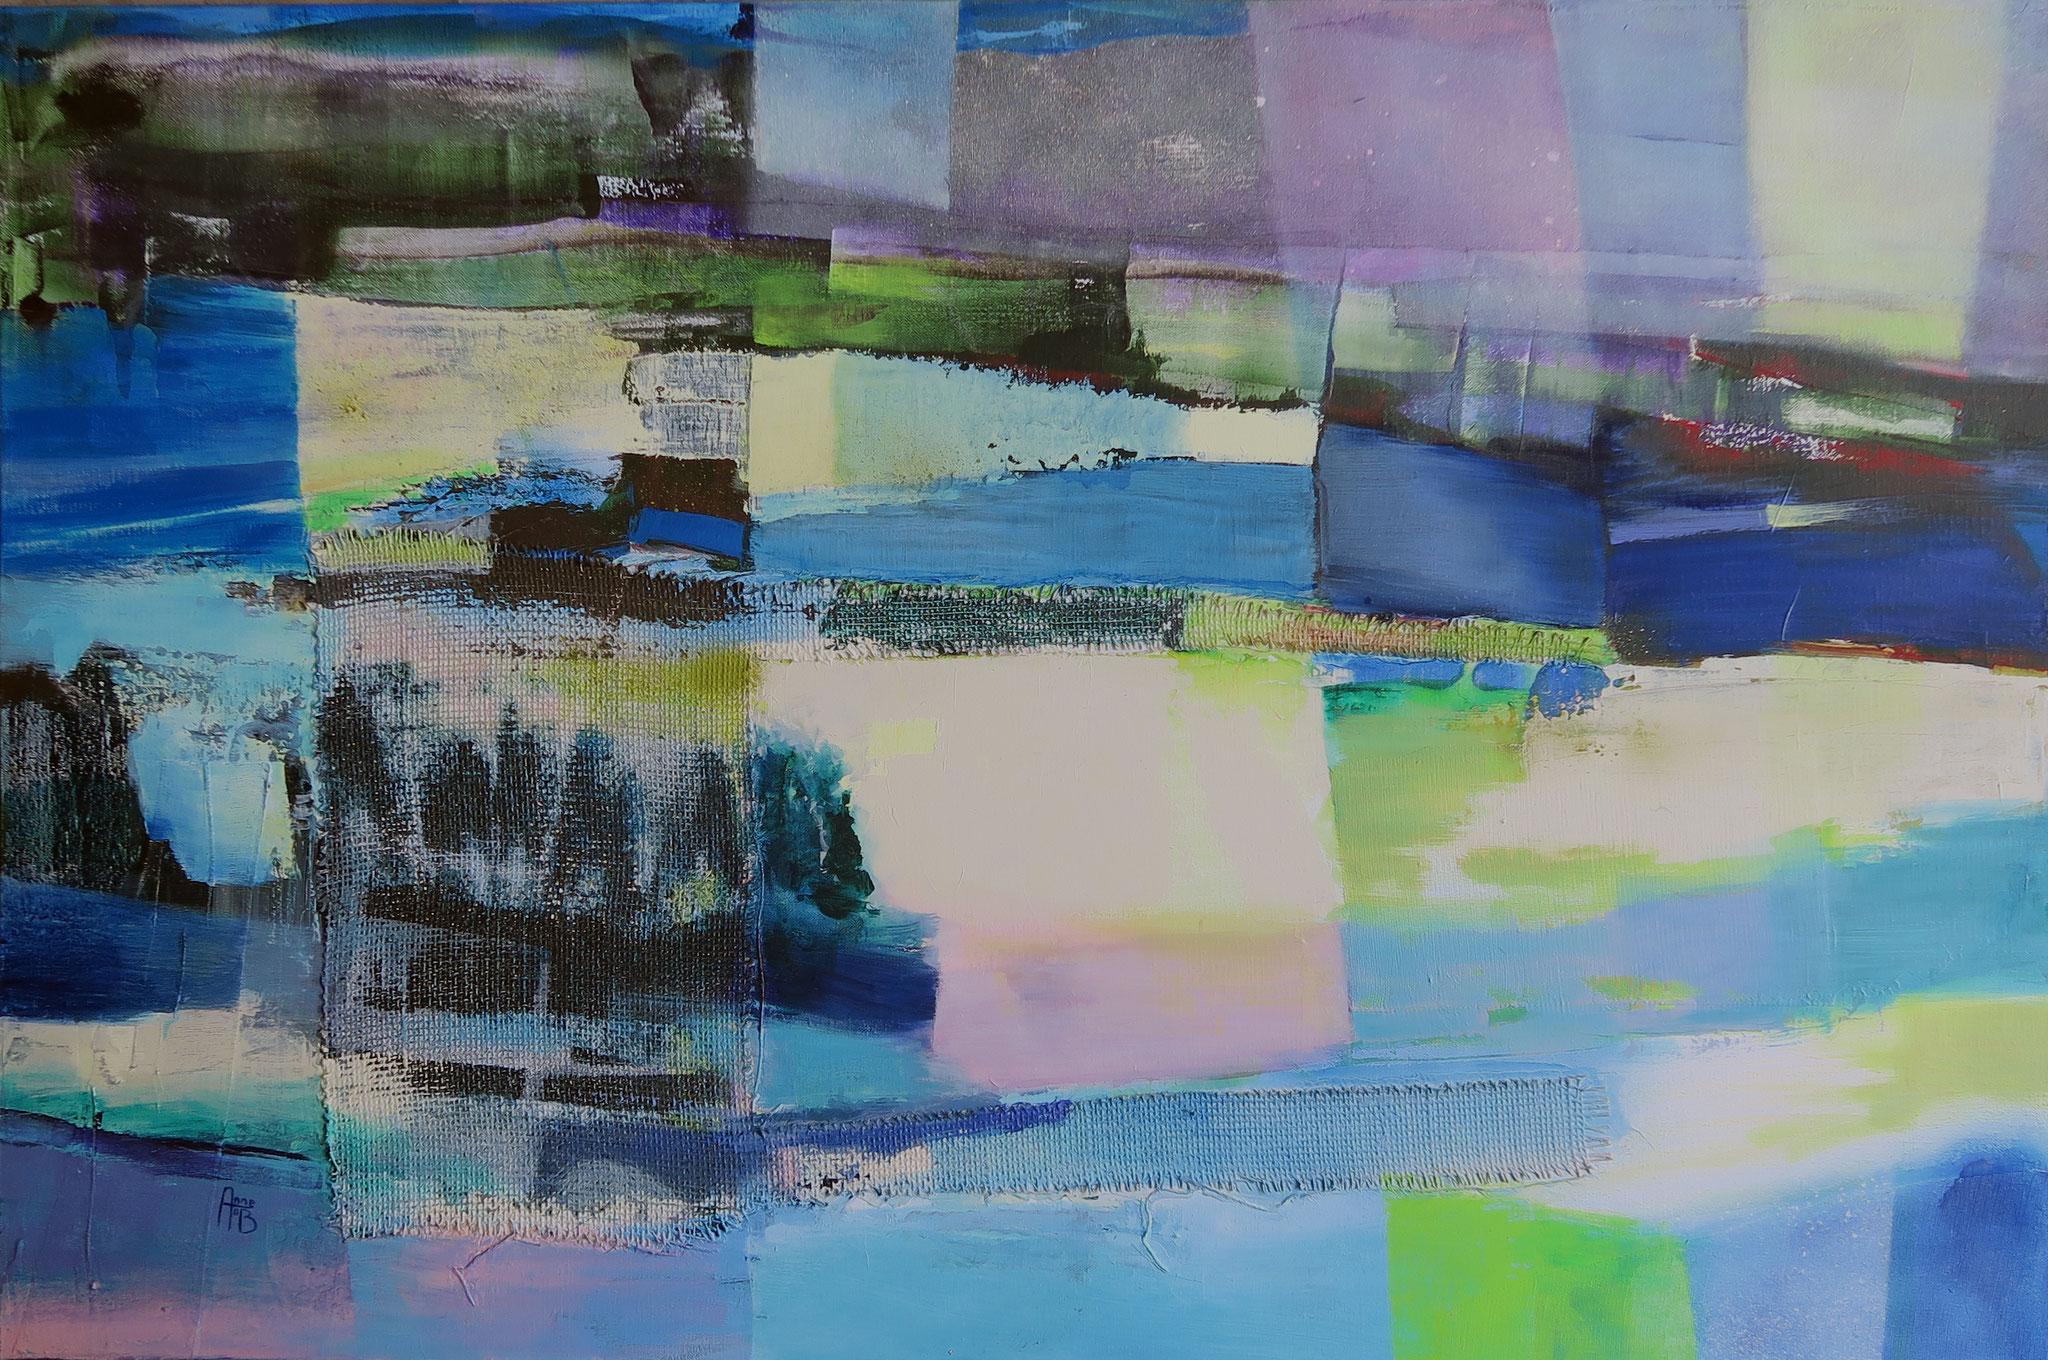 Lueurs, 80x120cm, acrylique, 2017